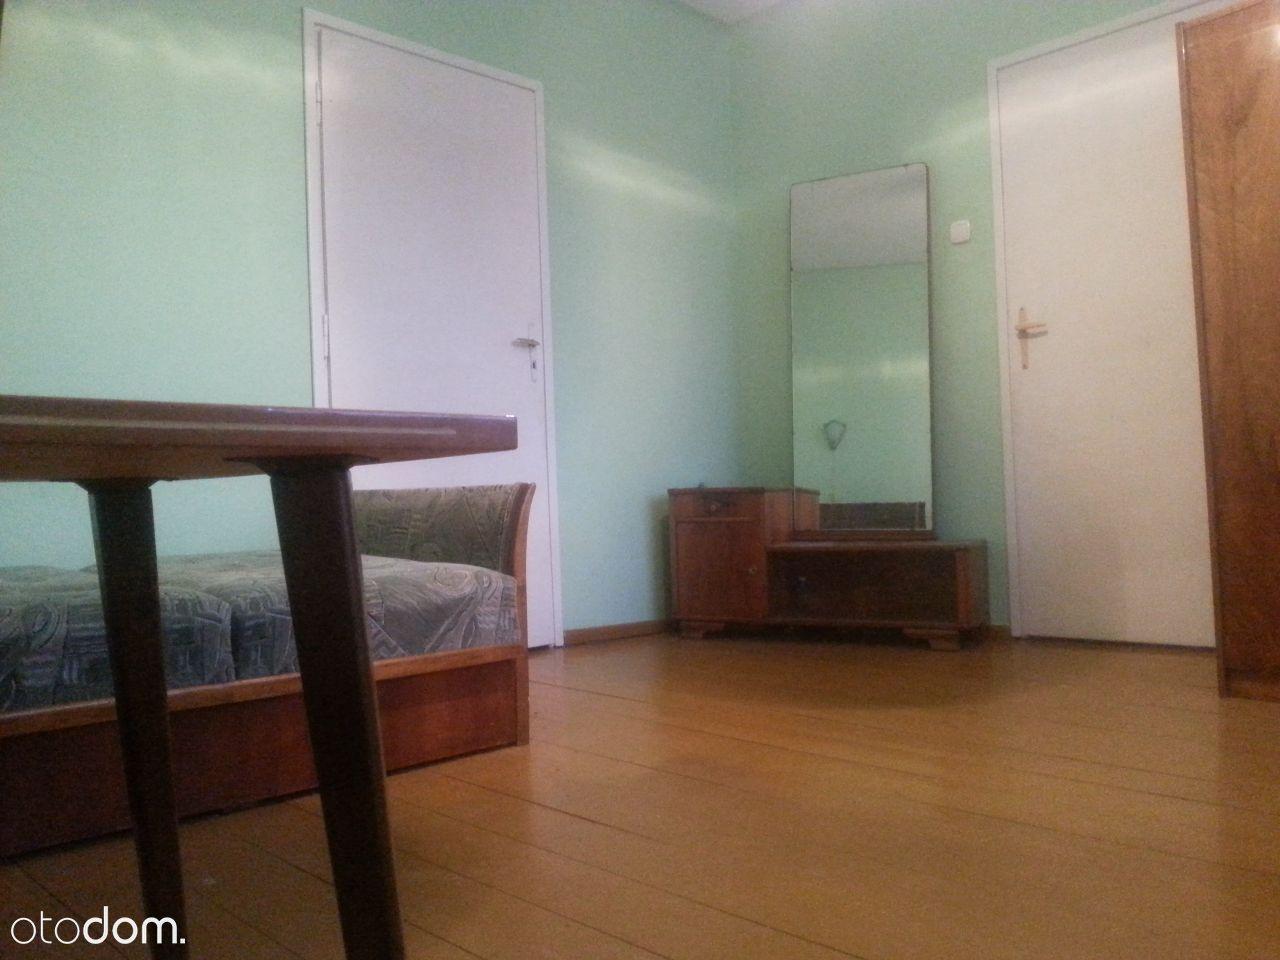 Dom na sprzedaż, Marianów Rogowski, brzeziński, łódzkie - Foto 1